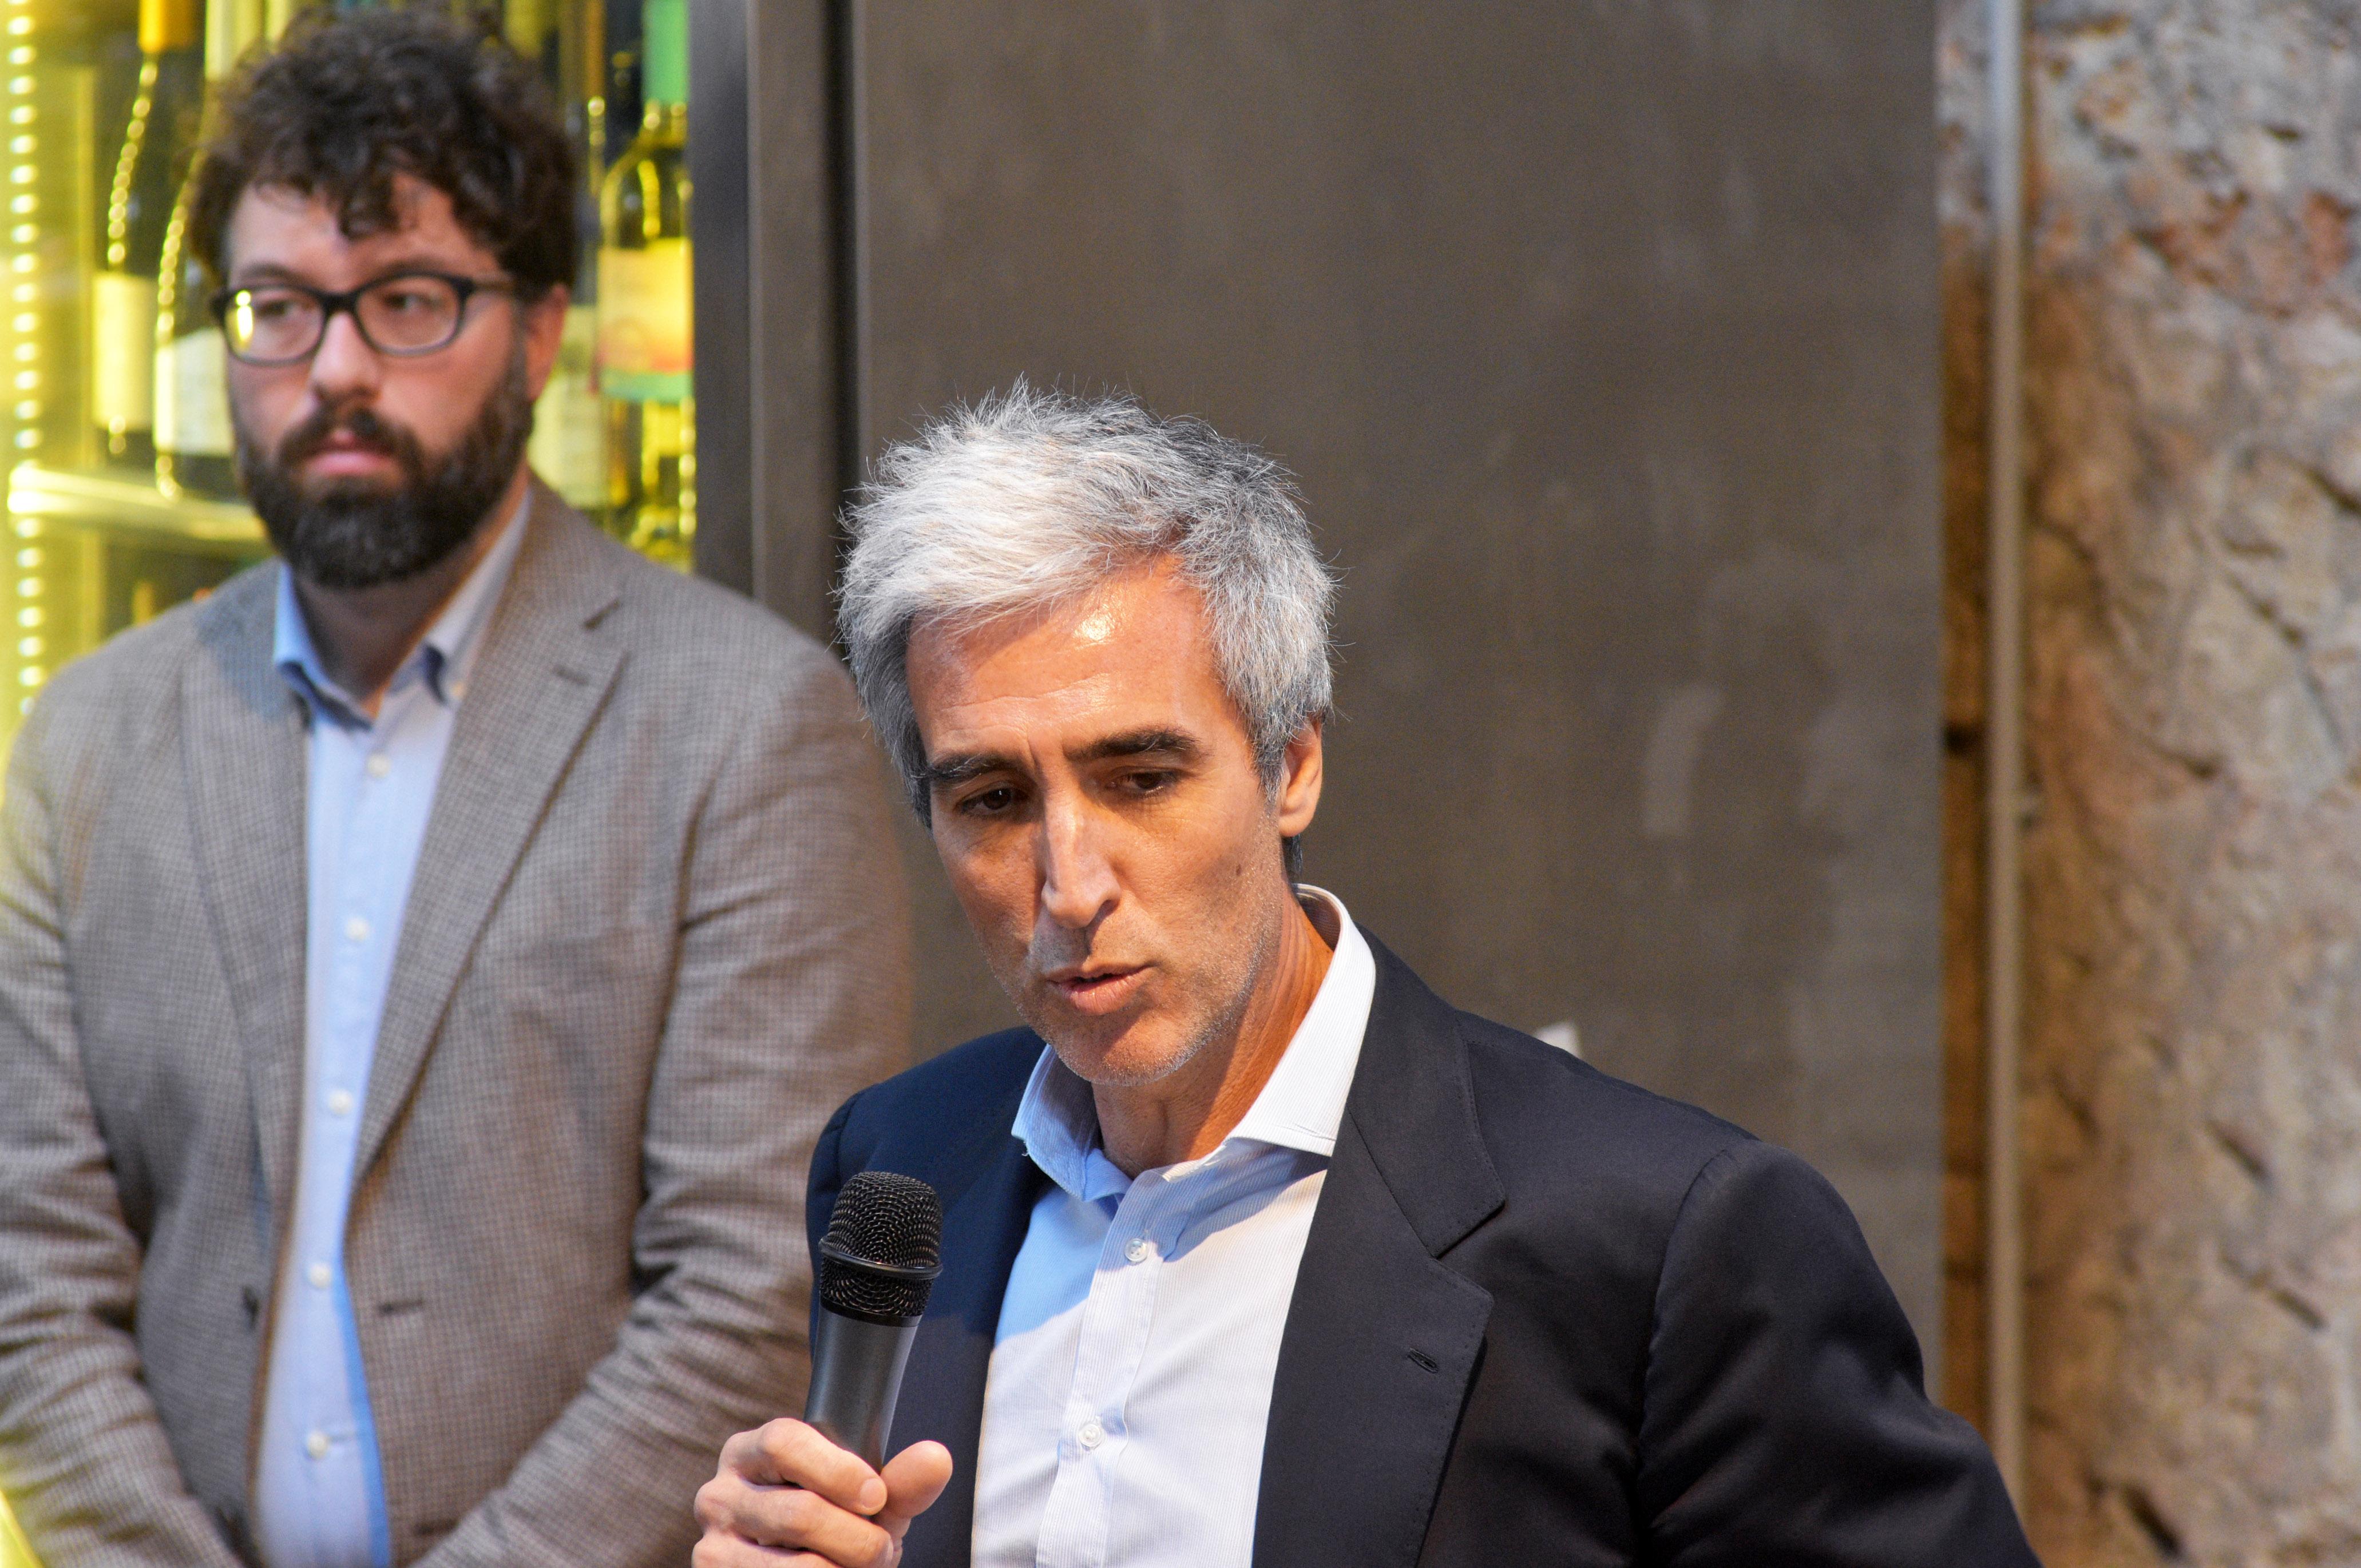 Dario Mirri